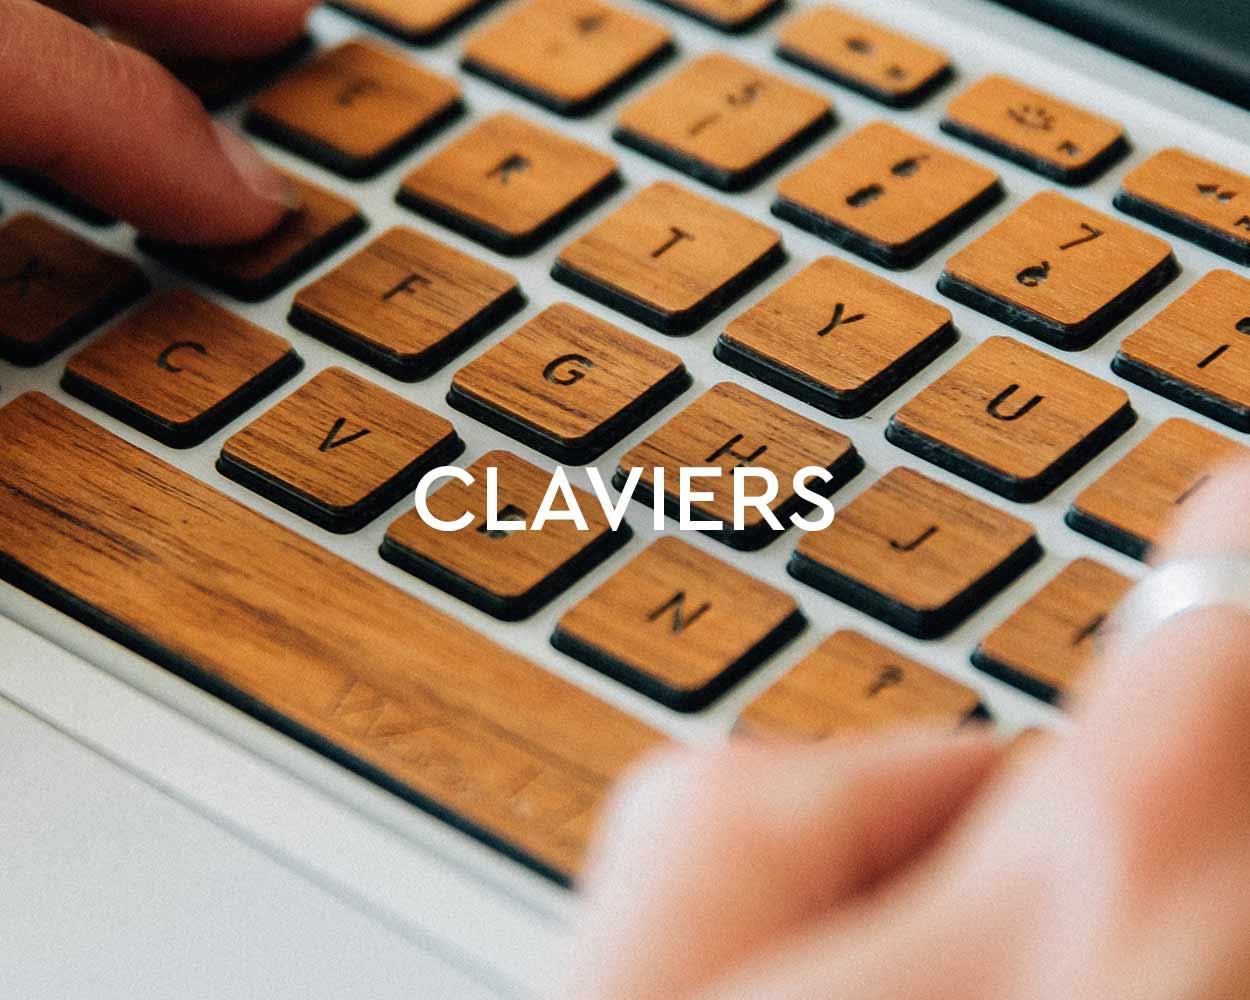 clavier en bois